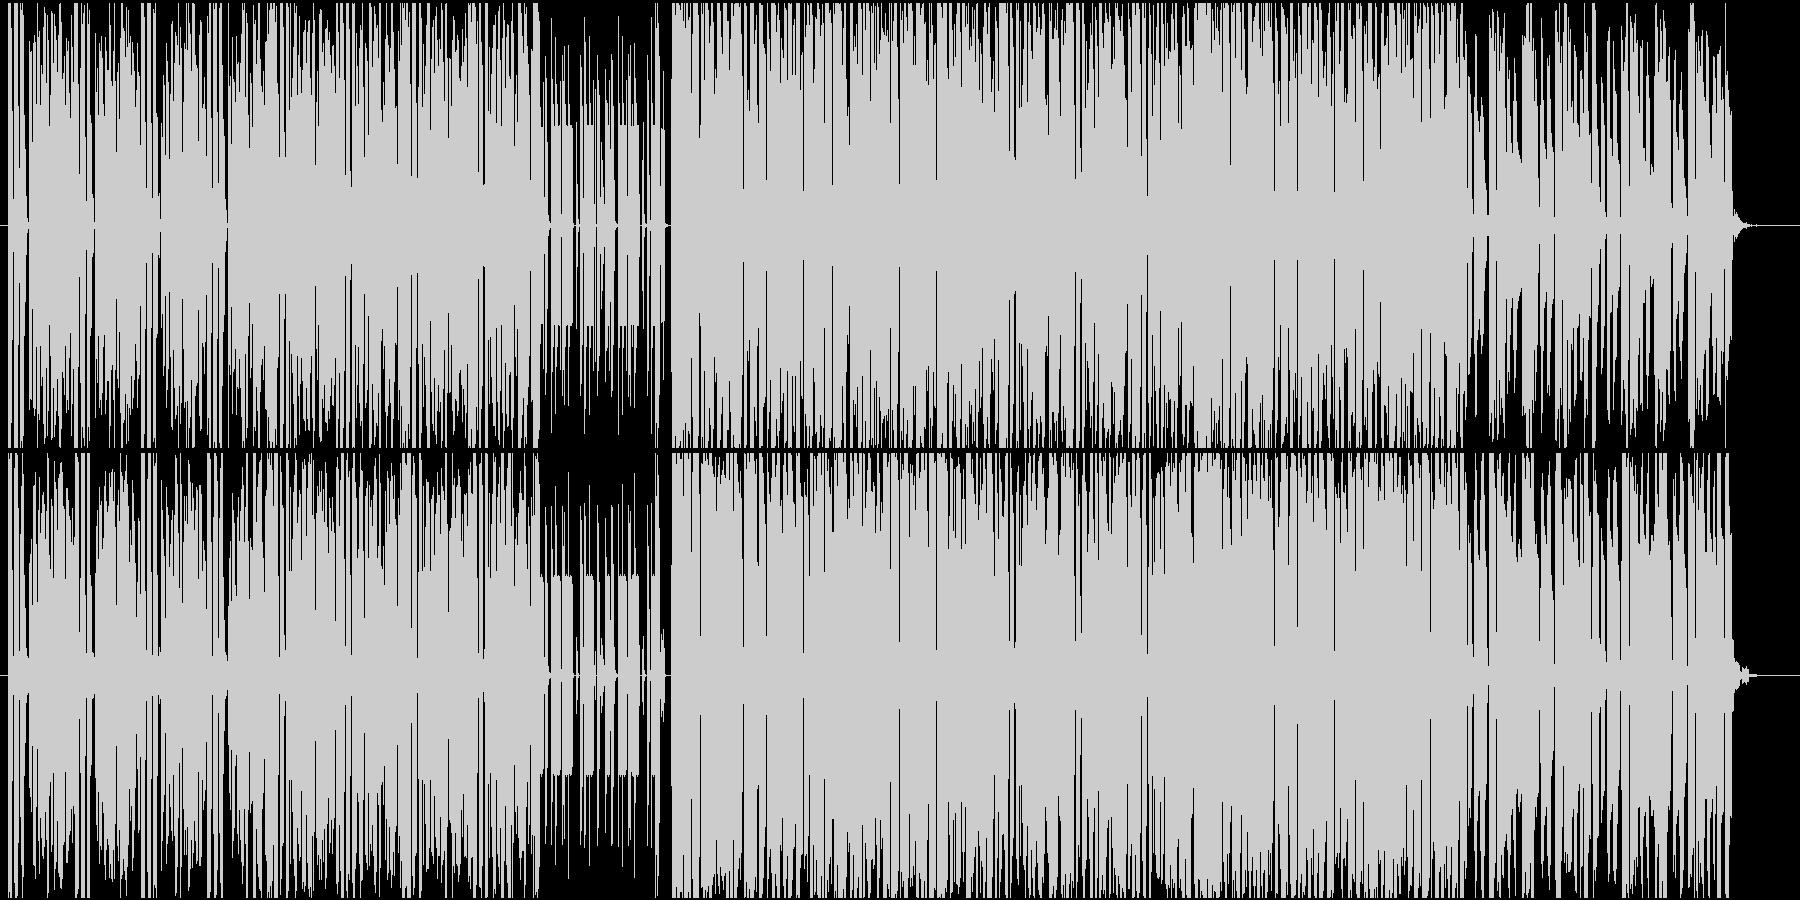 軽快で哀愁感のあるテクノ楽曲の未再生の波形